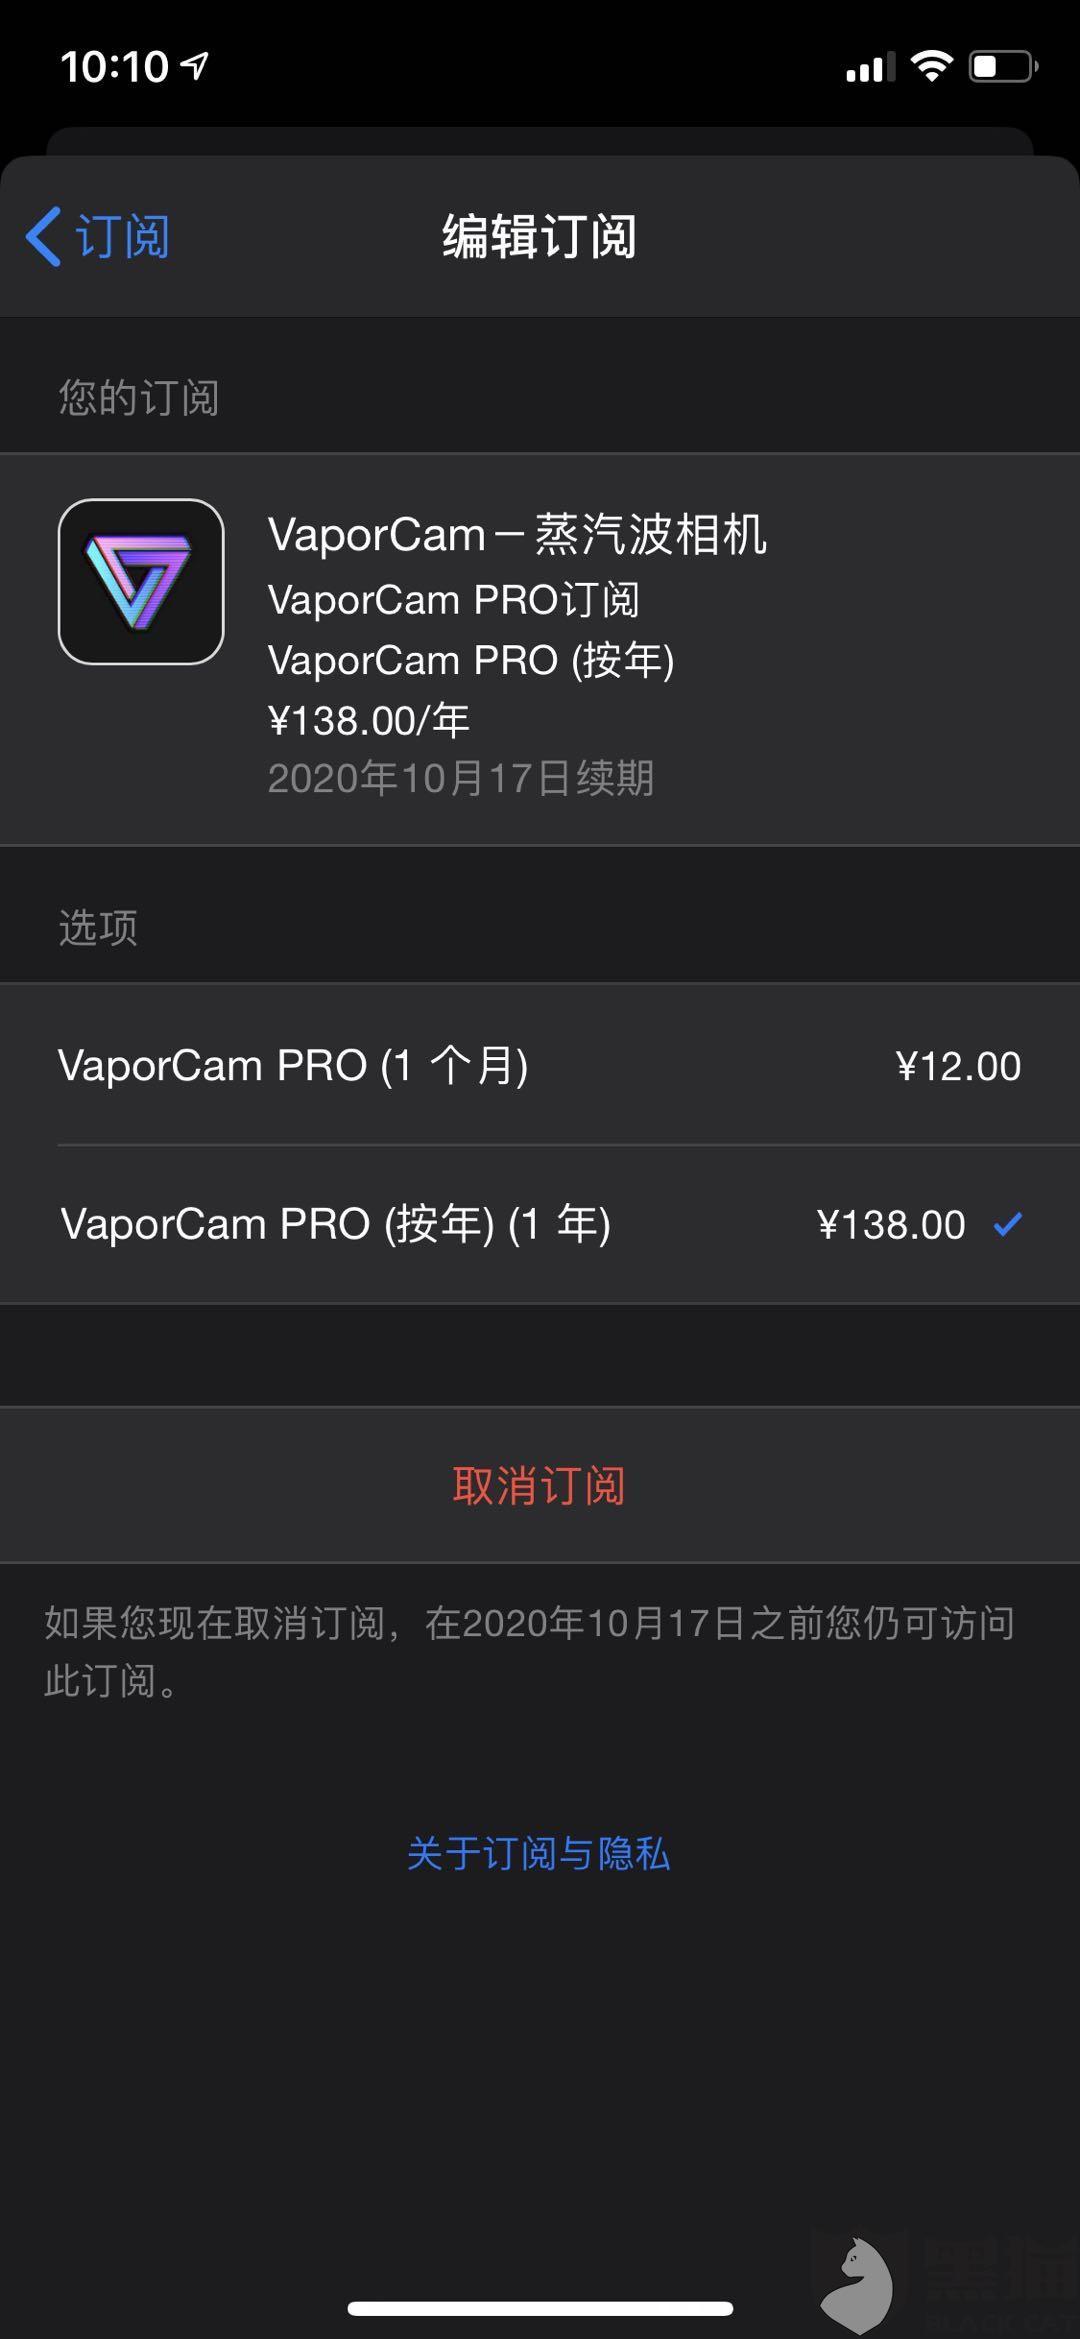 黑猫投诉:vaporcam-蒸汽波相机诱导消费,虚假宣传,宣传试用3天却直接扣费138元